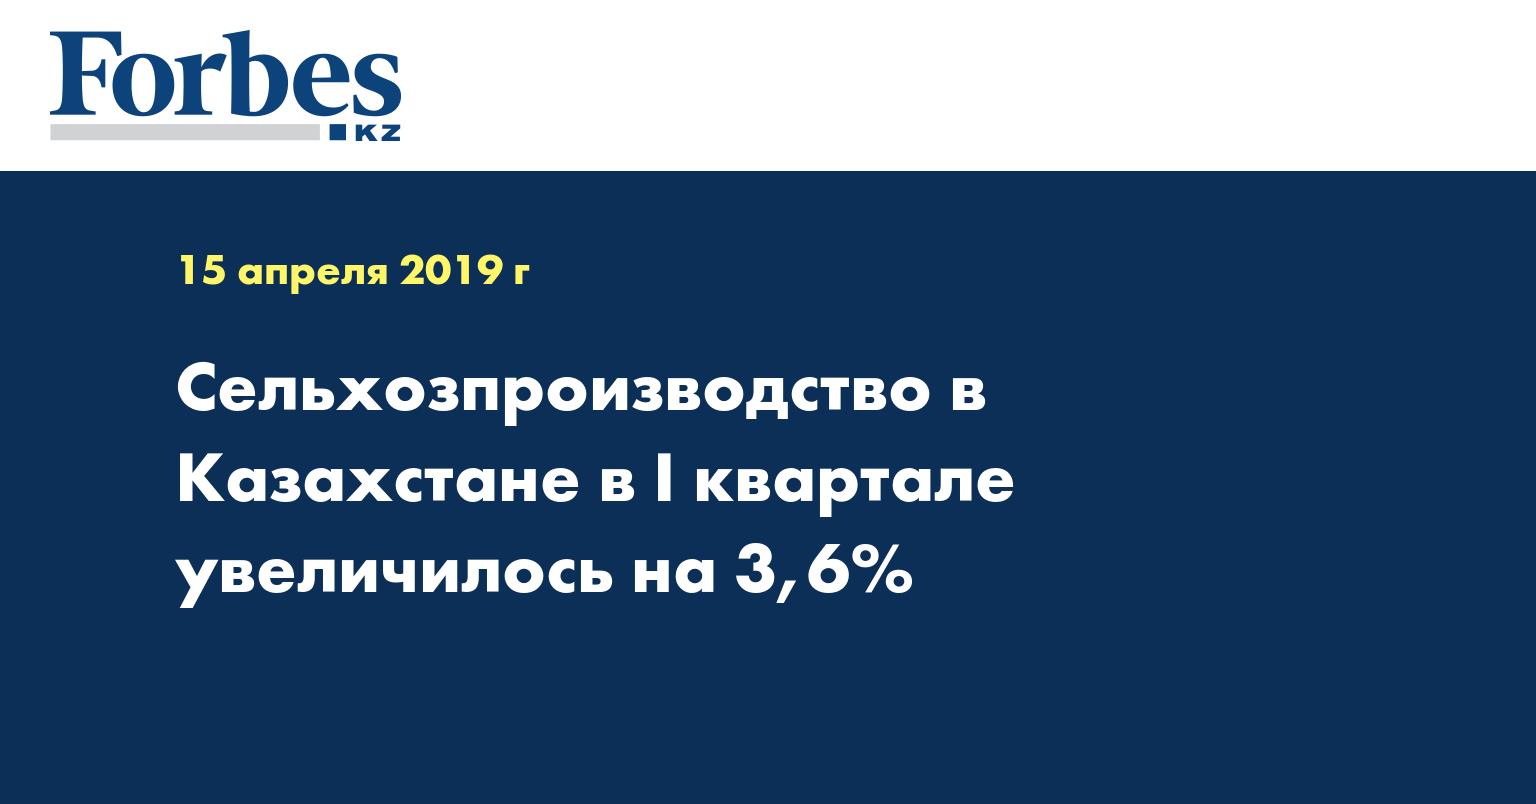 Сельхозпроизводство в Казахстане в I квартале увеличилось на 3,6%